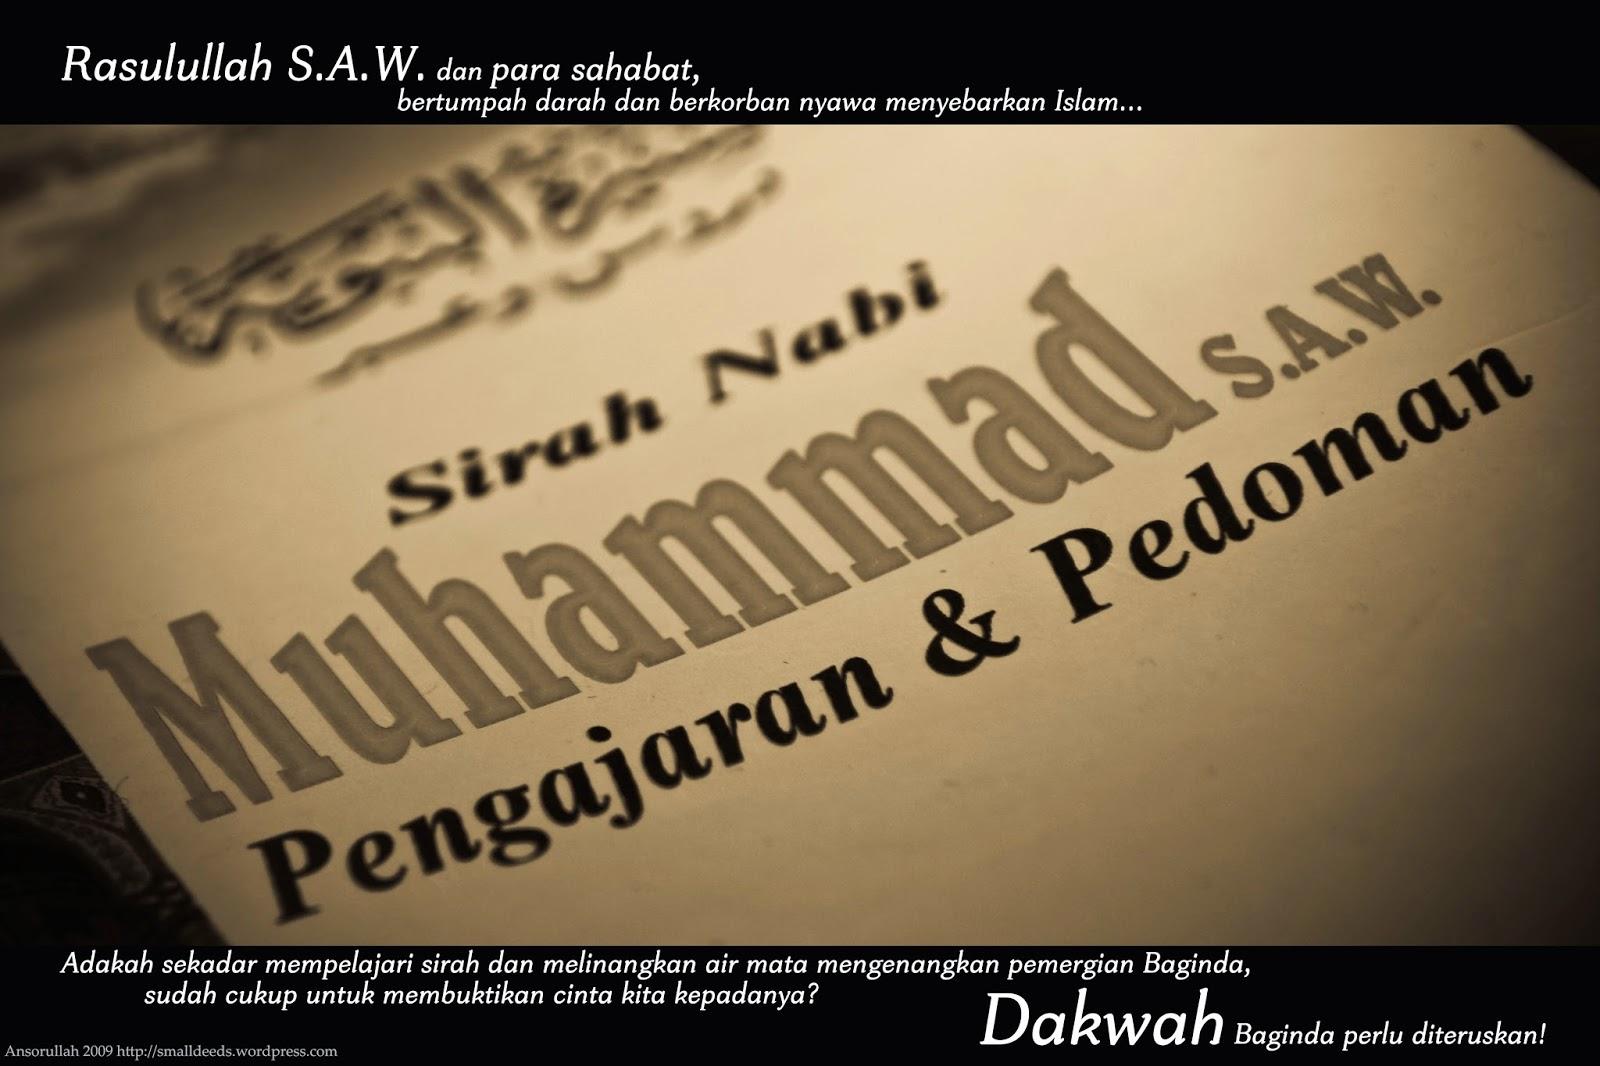 4 Permintaan Rasulullah SAW Pada Siti Aisyah Sebelum Tidur